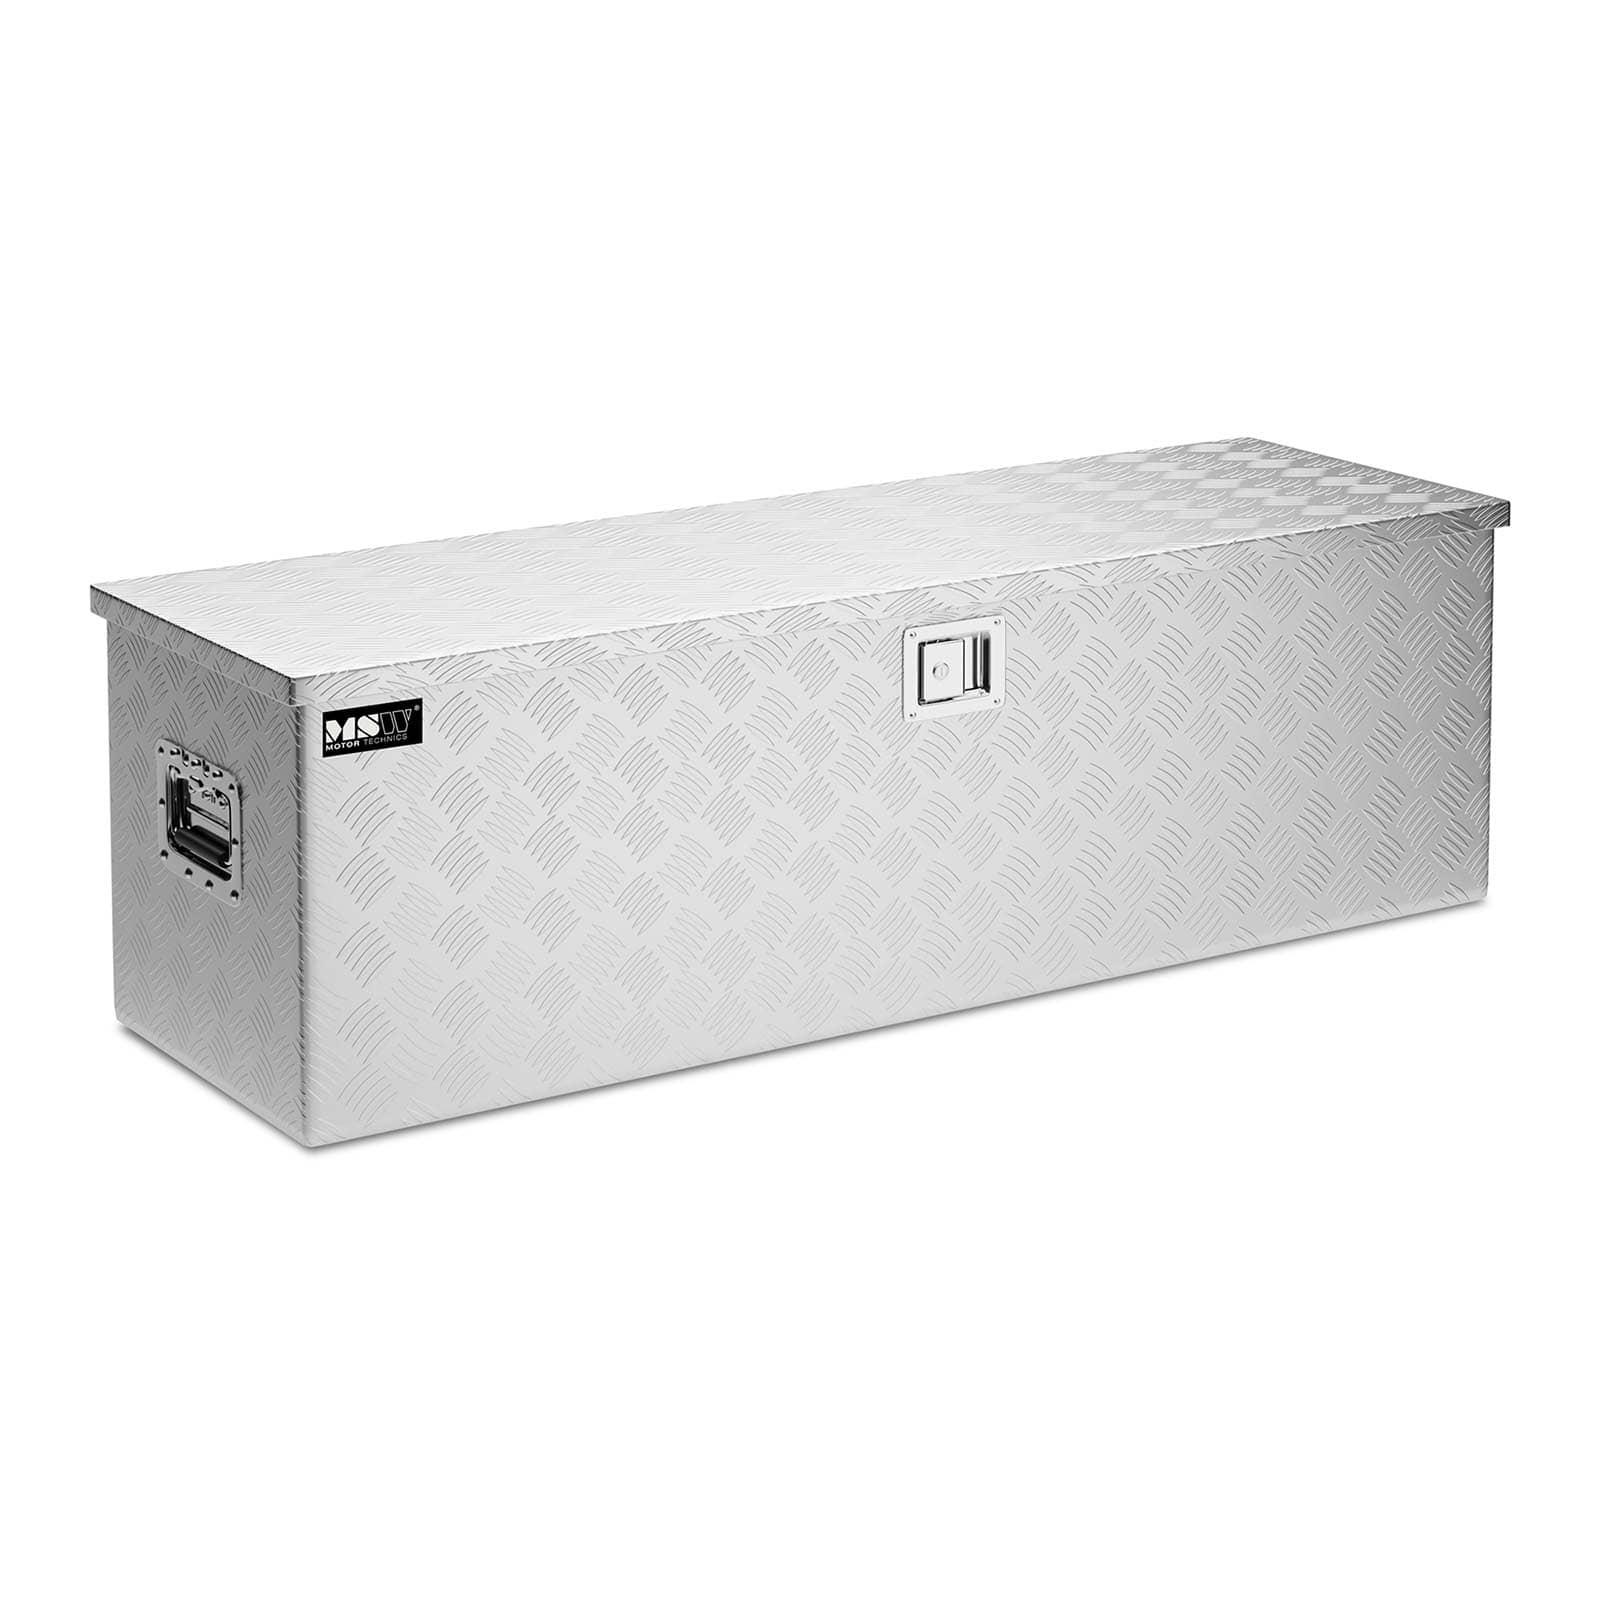 Kufry a boxy na nářadí